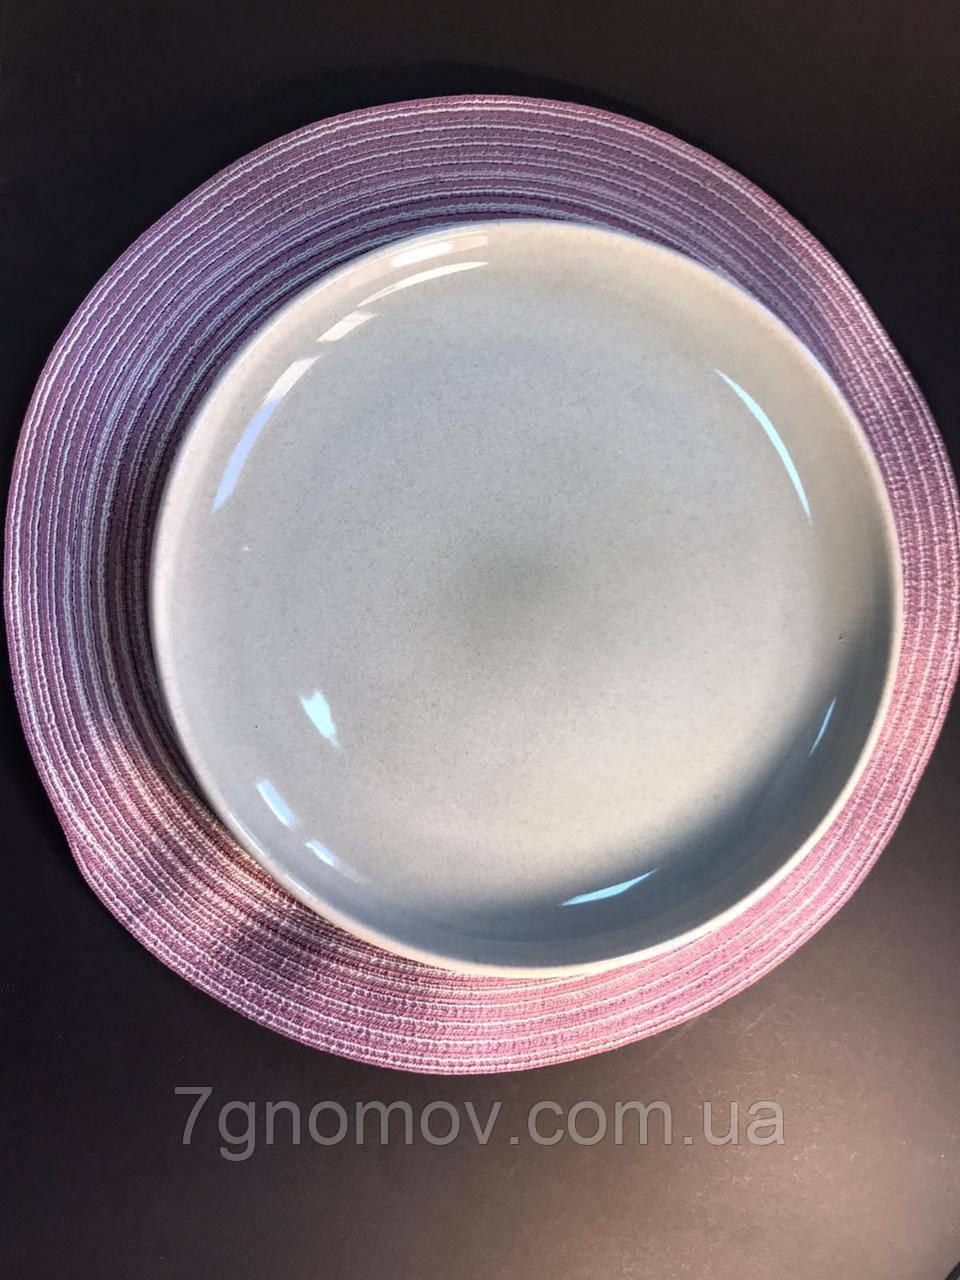 Тарелка большая обеденная керамическая бежево-серая Мрамор 28.5 см арт. 7953-11